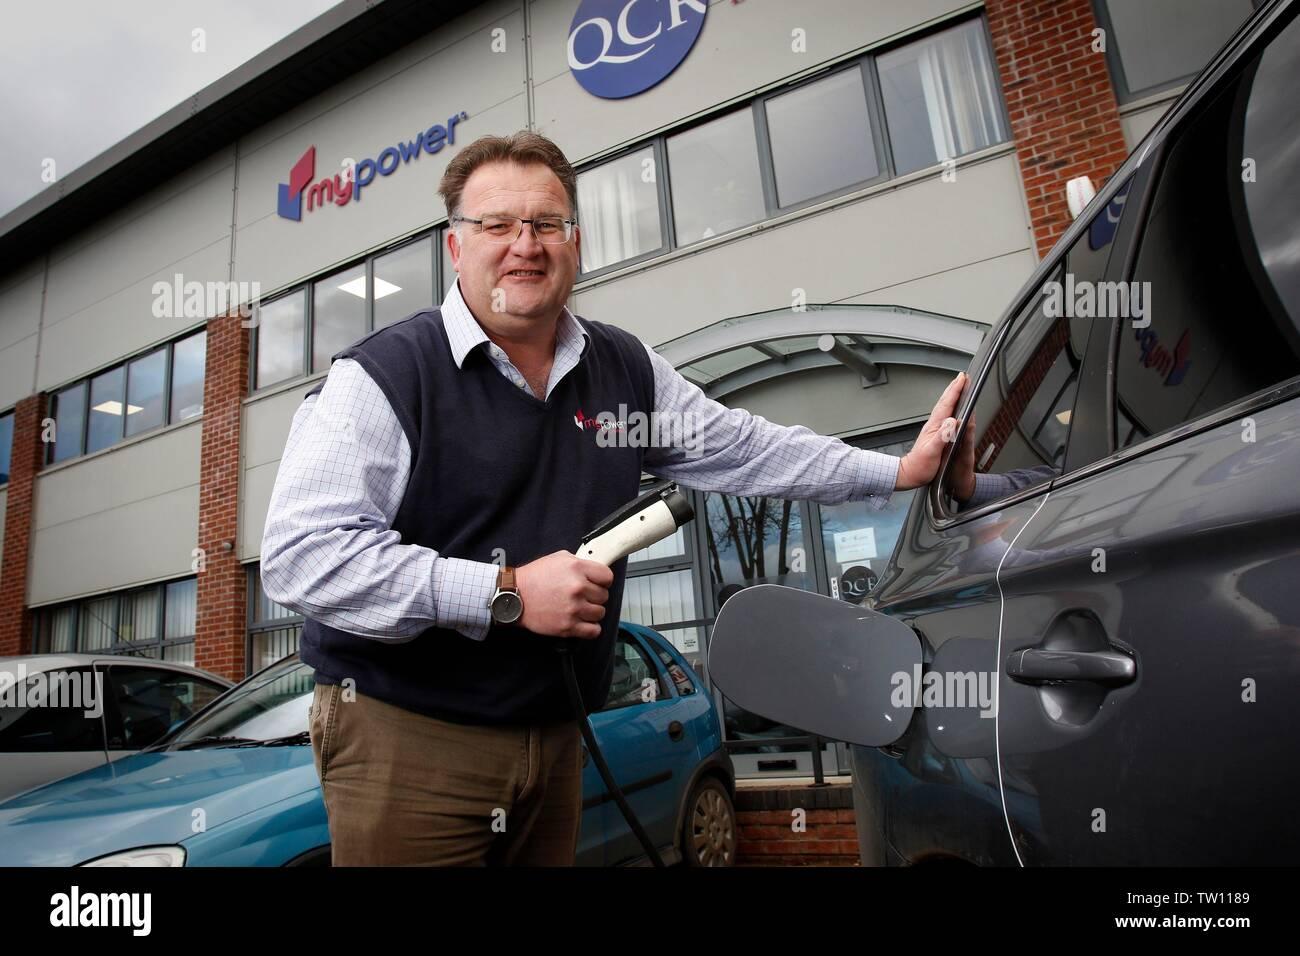 Ben Harrison, socio gerente de mypower, la empresa de instalación de paneles solares, que puede recargar su Mitsubishi Outlander PHEV coche híbrido, con elec Imagen De Stock